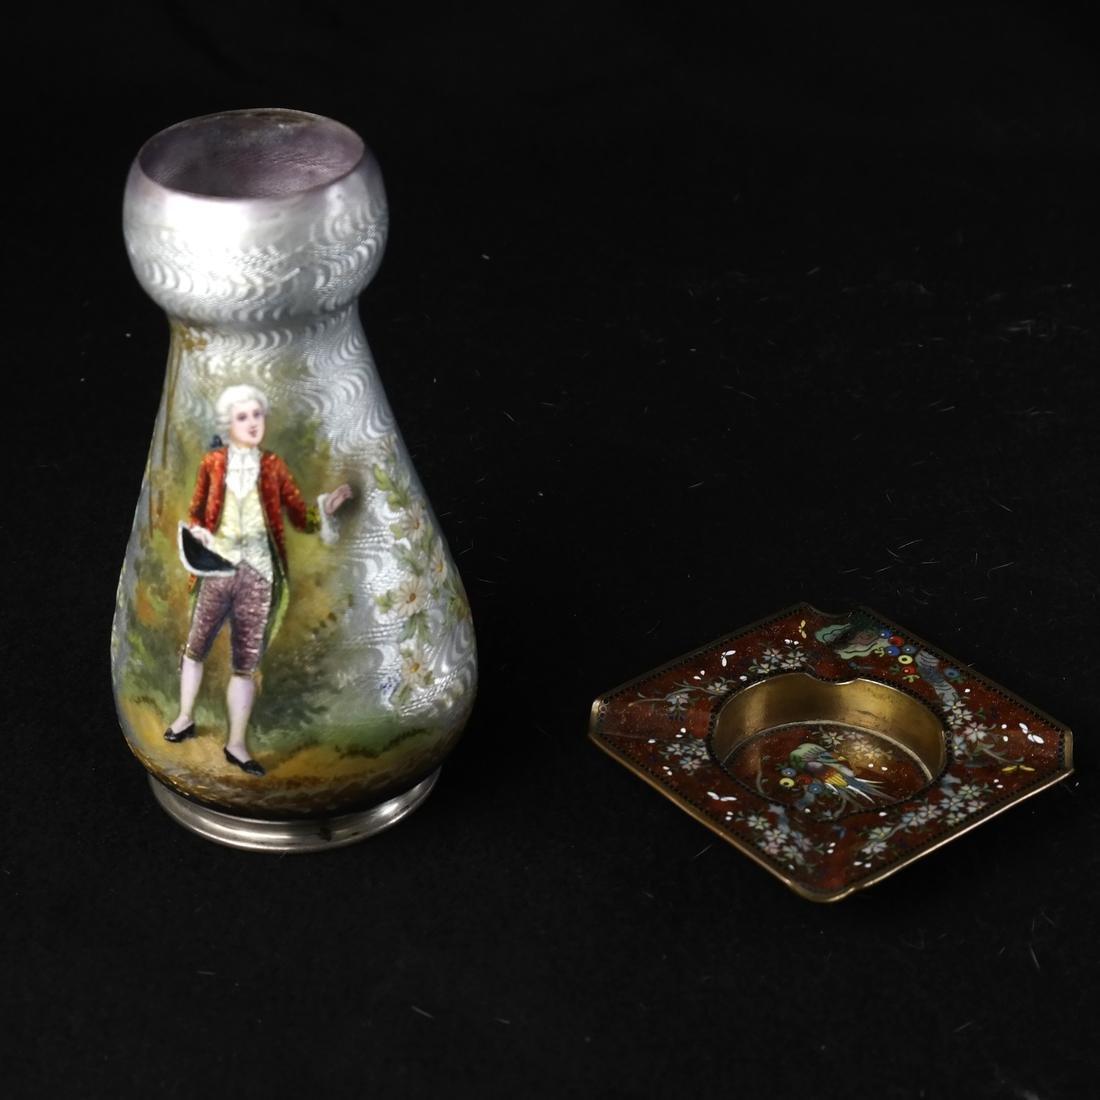 Japanese Cloisonne Ashtray and Enameled Vase on Silver